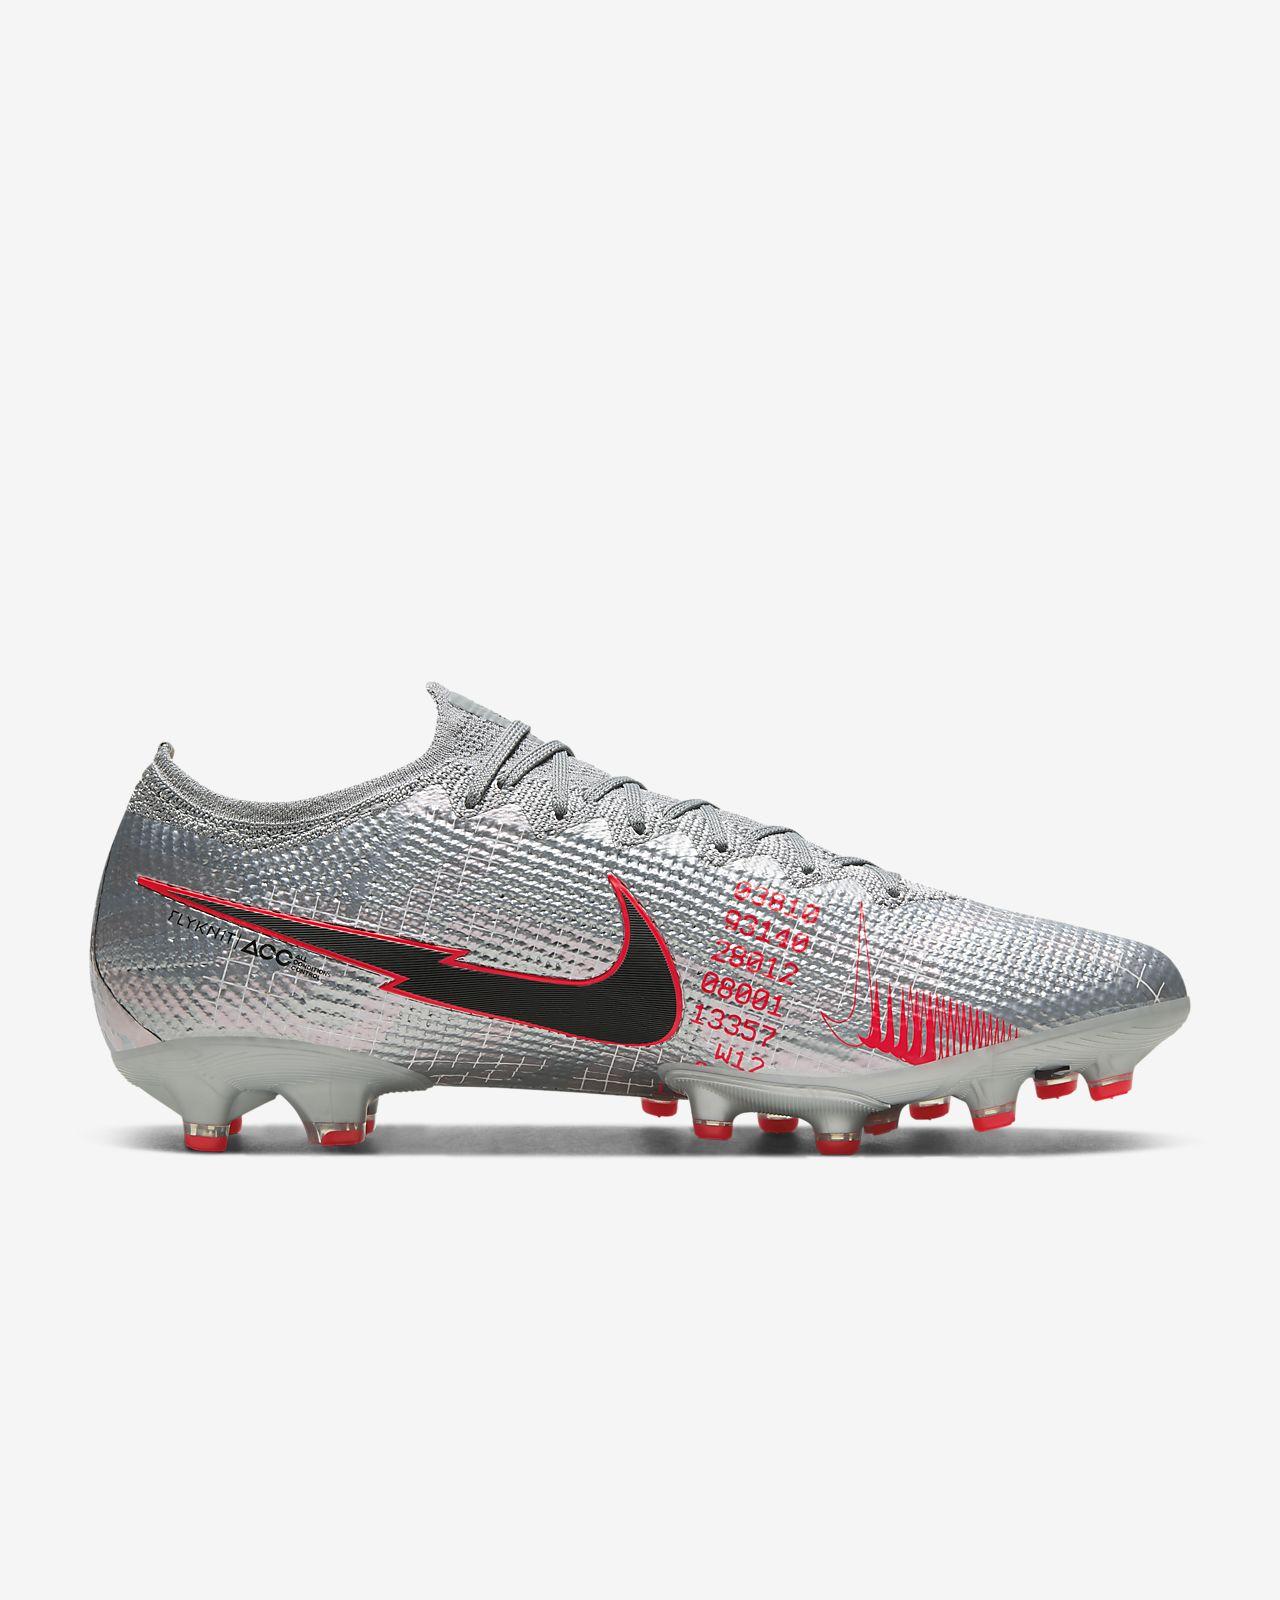 Chaussure de football à crampons pour terrain synthétique Nike Mercurial Vapor 13 Elite AG PRO